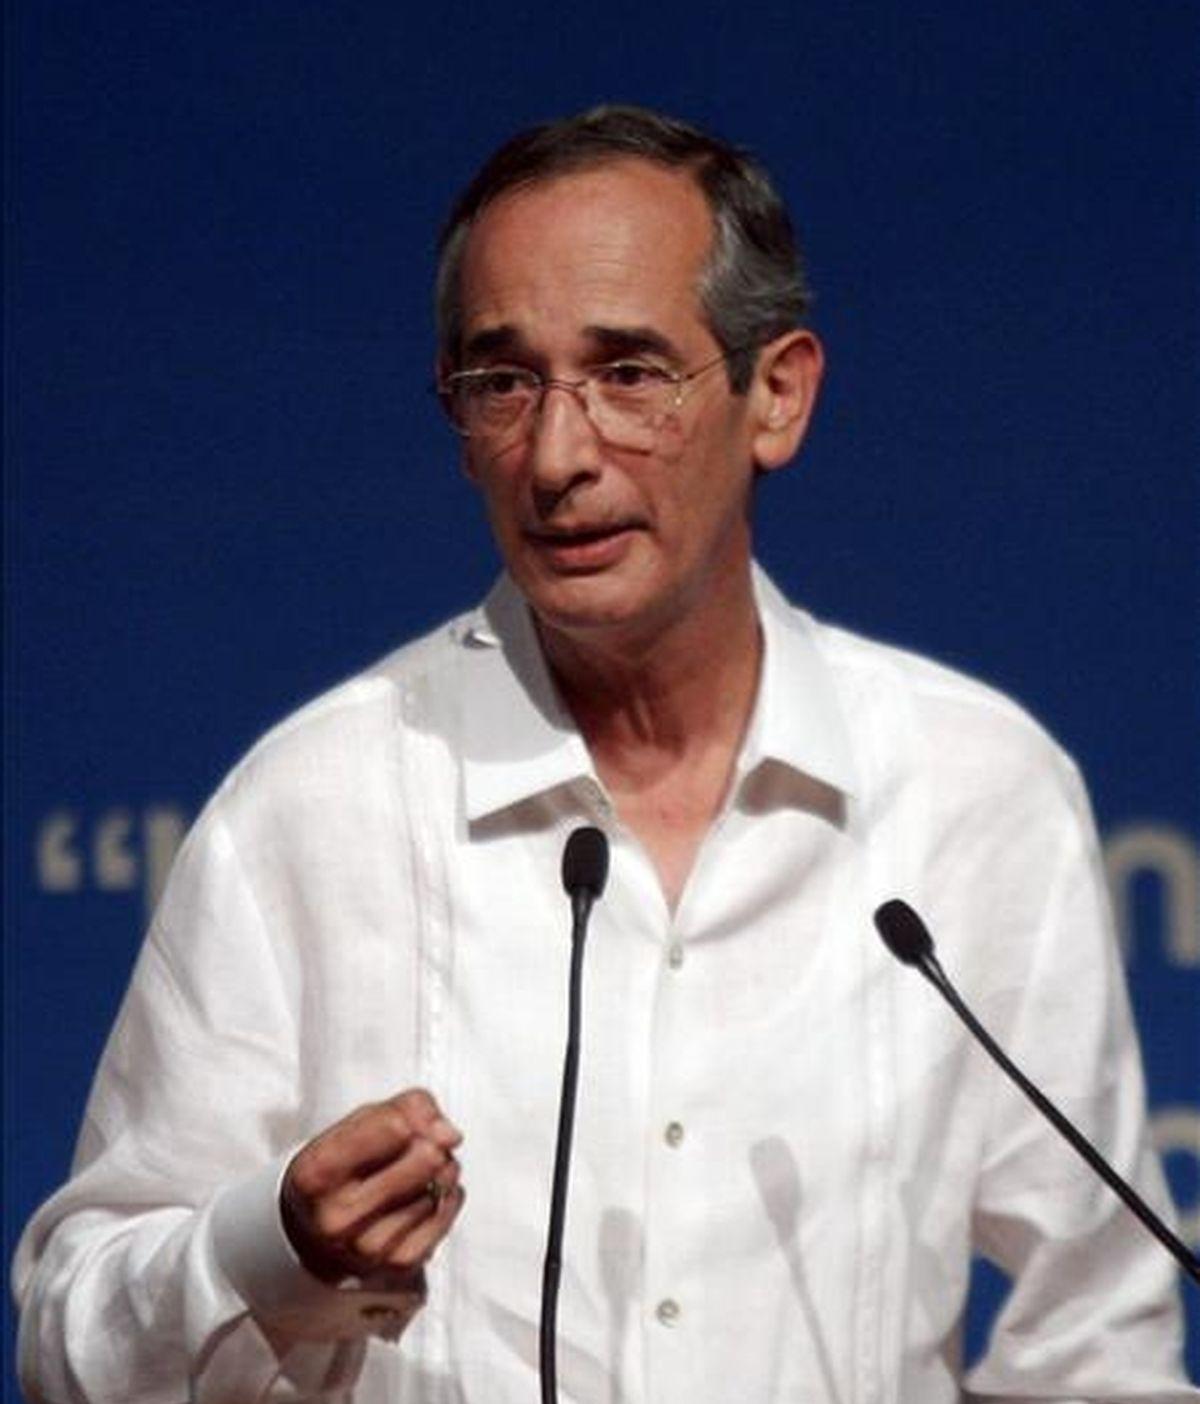 En la imagen, el presidente de Guatemala, Álvaro Colom. EFE/Archivo